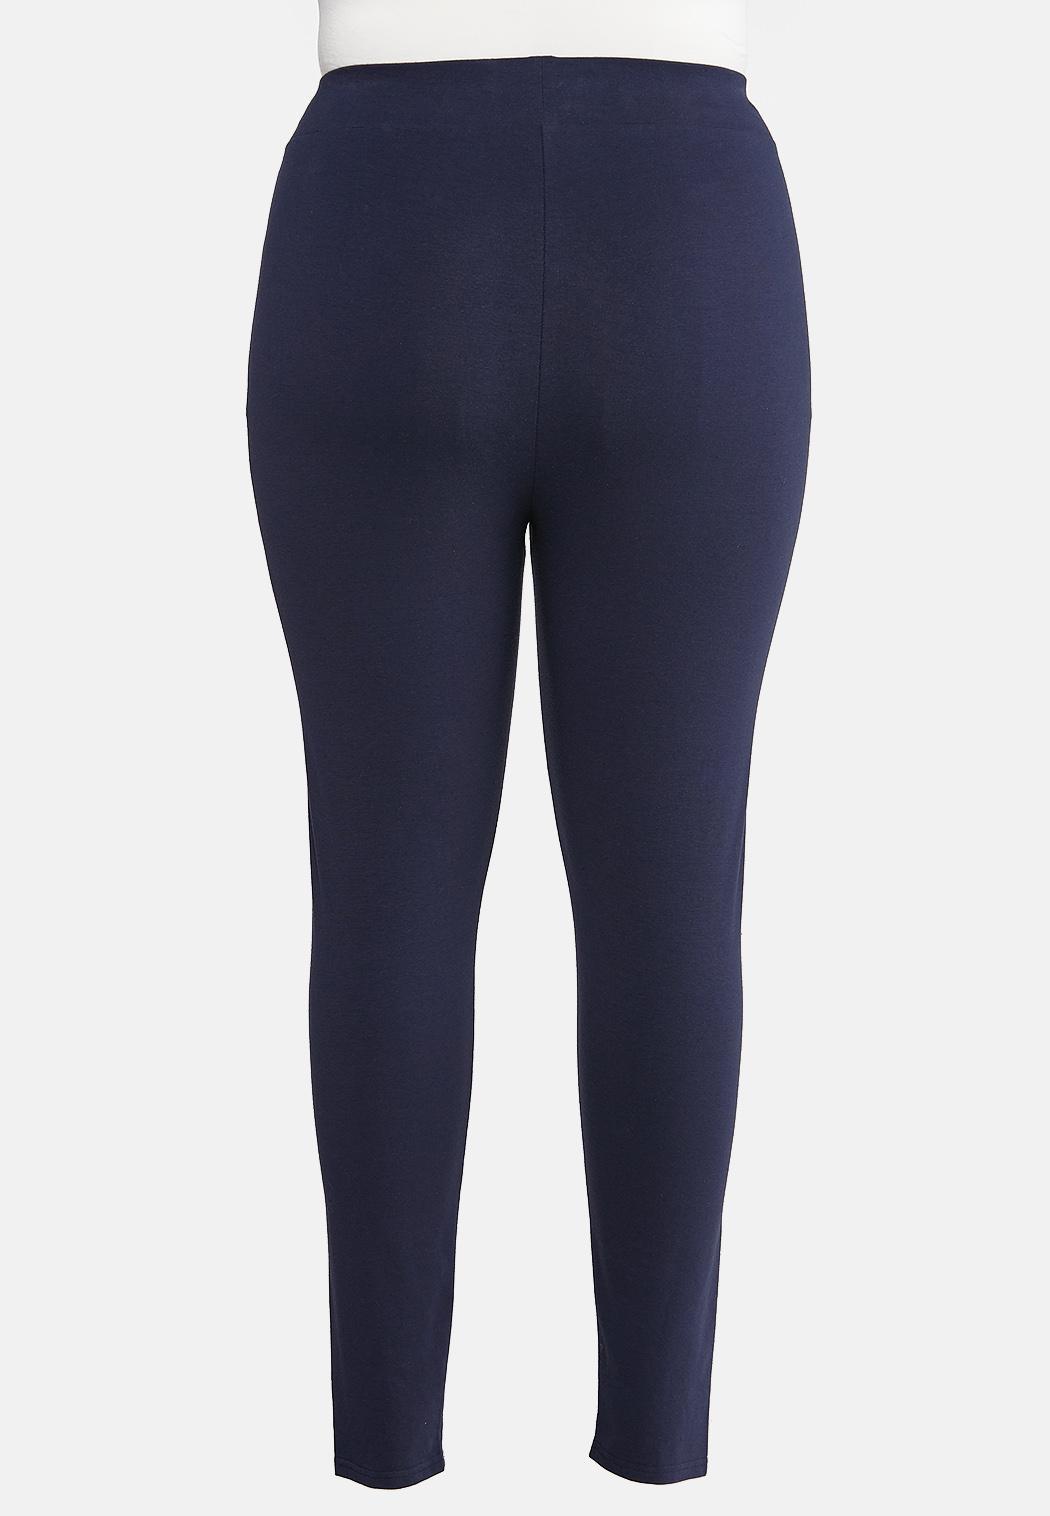 Plus Size Solid Leggings (Item #43920310)